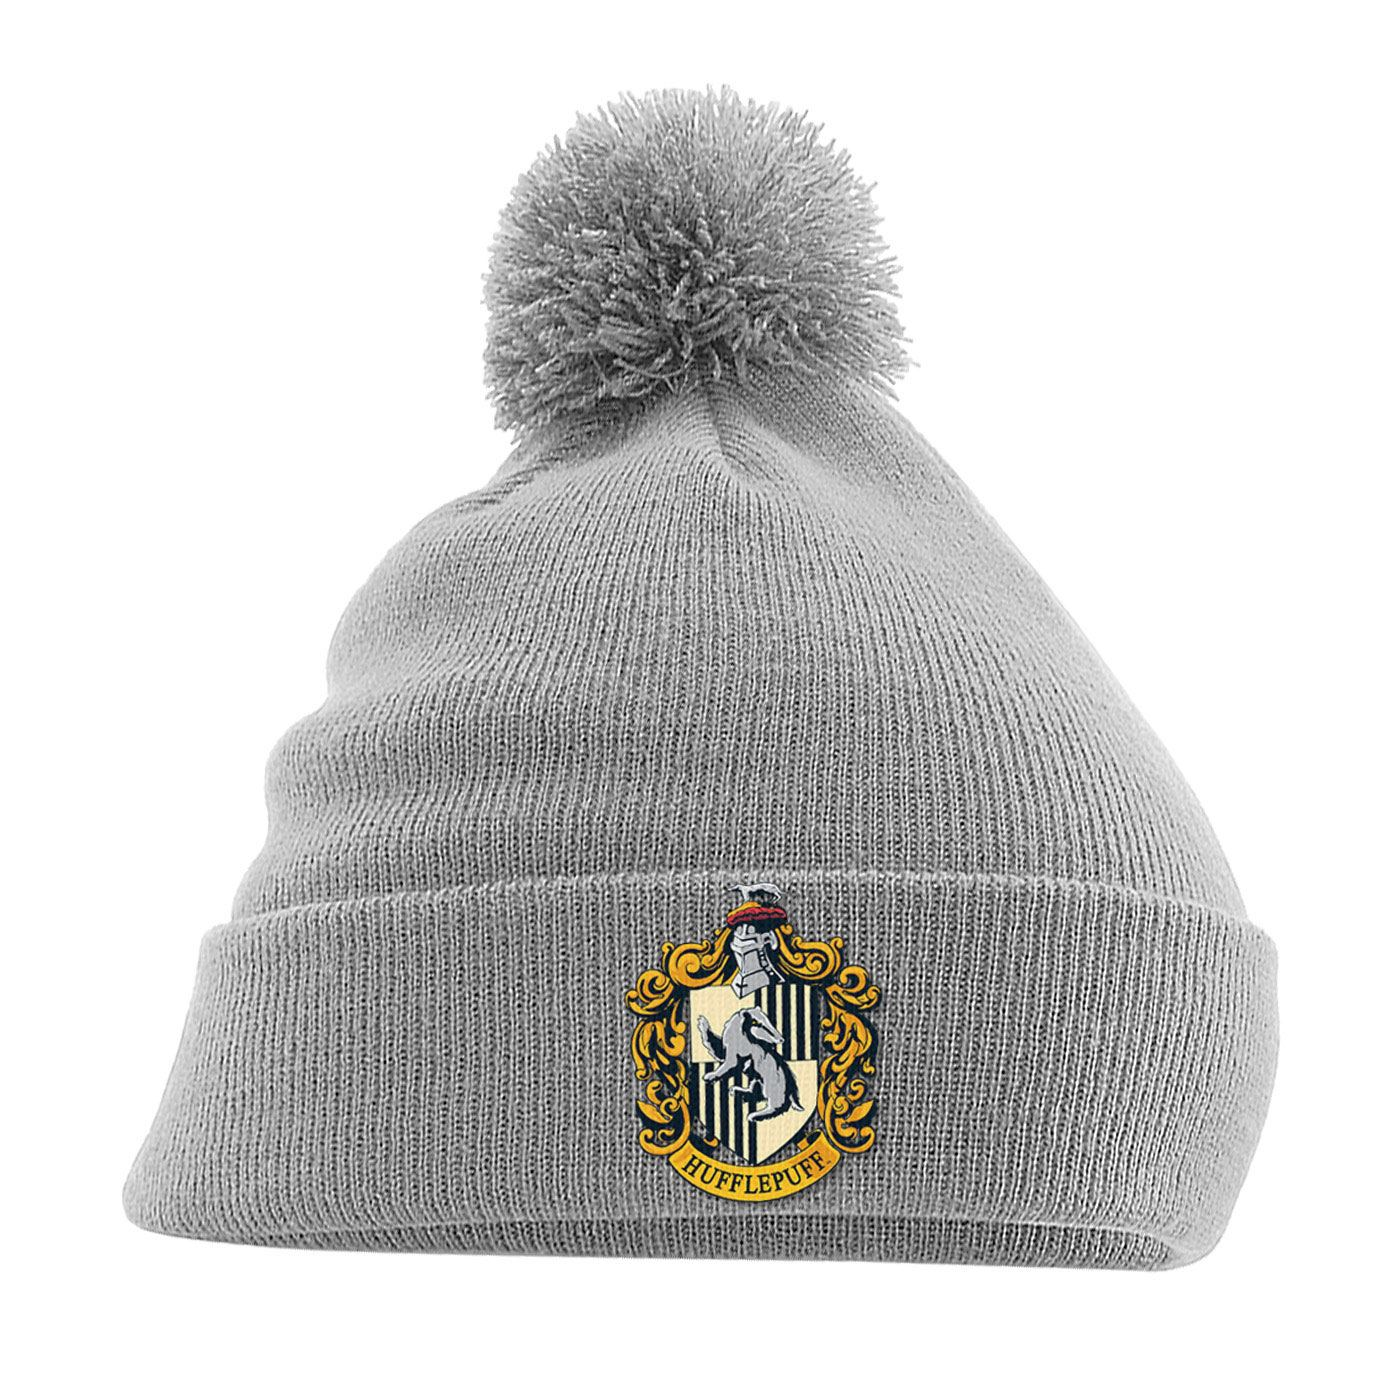 Harry Potter Pom Pom Beanie Hufflepuff Crest Grey